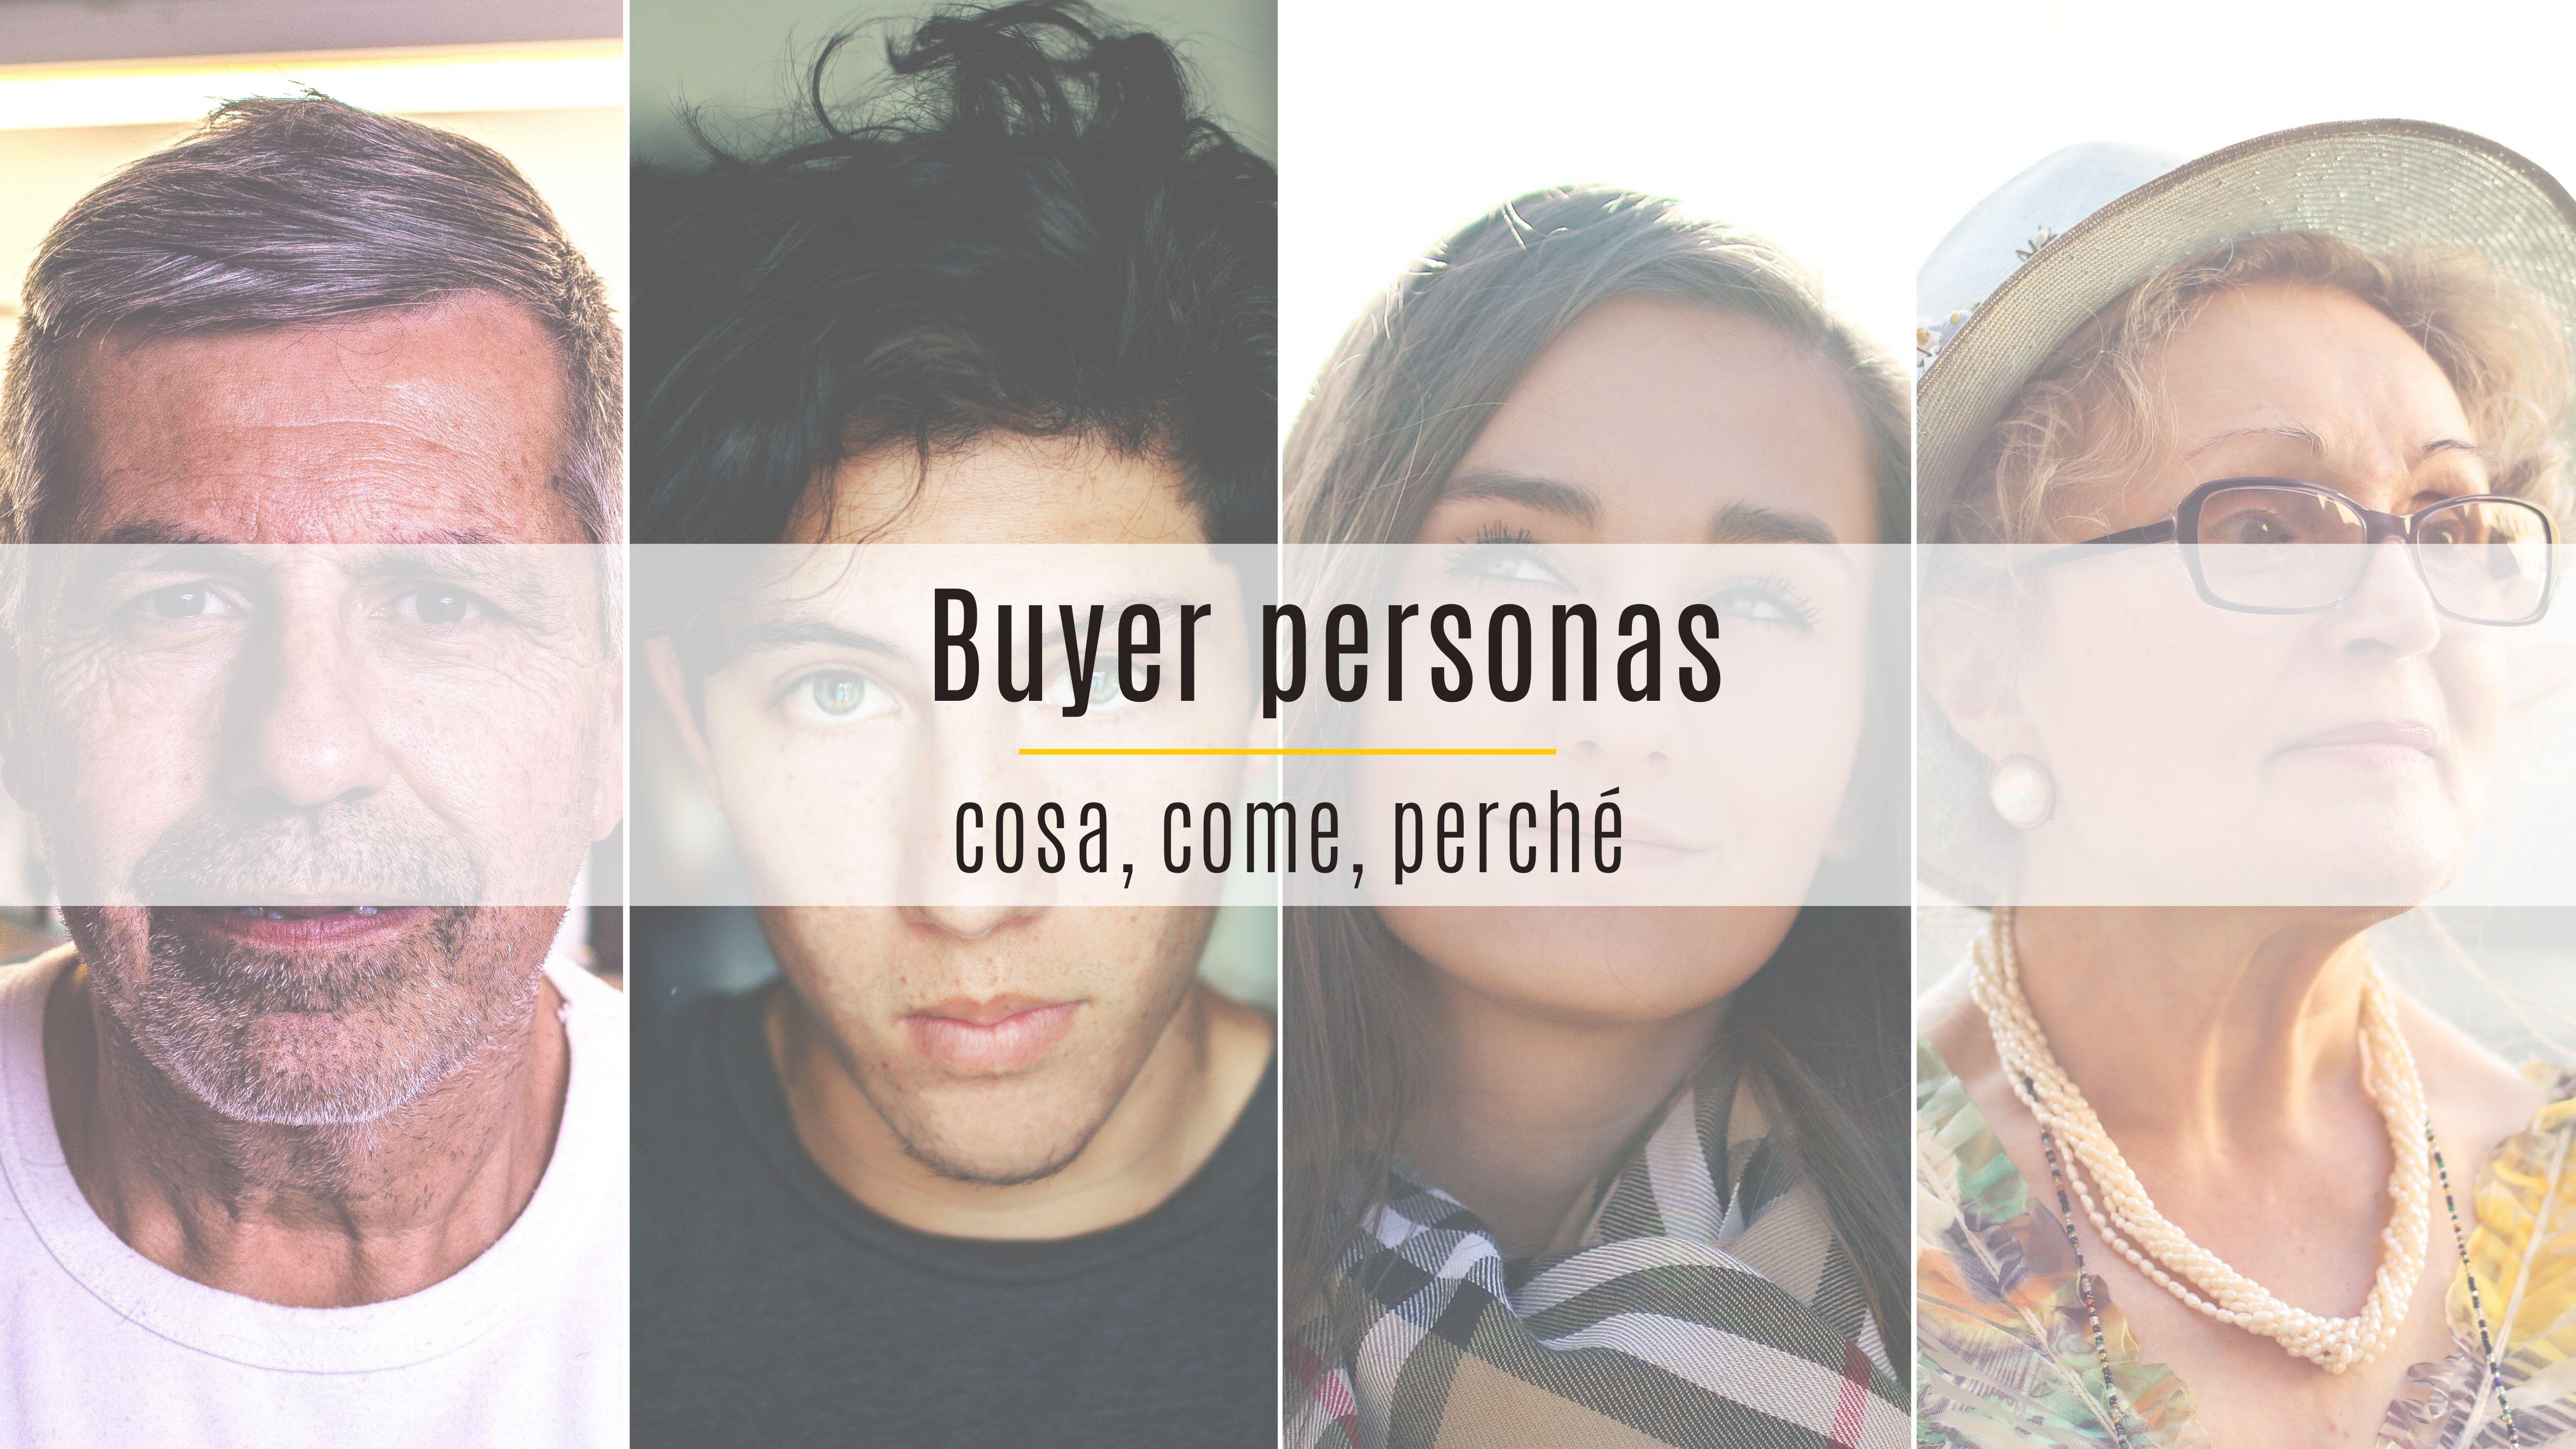 copertina articolo sulle buyer personas